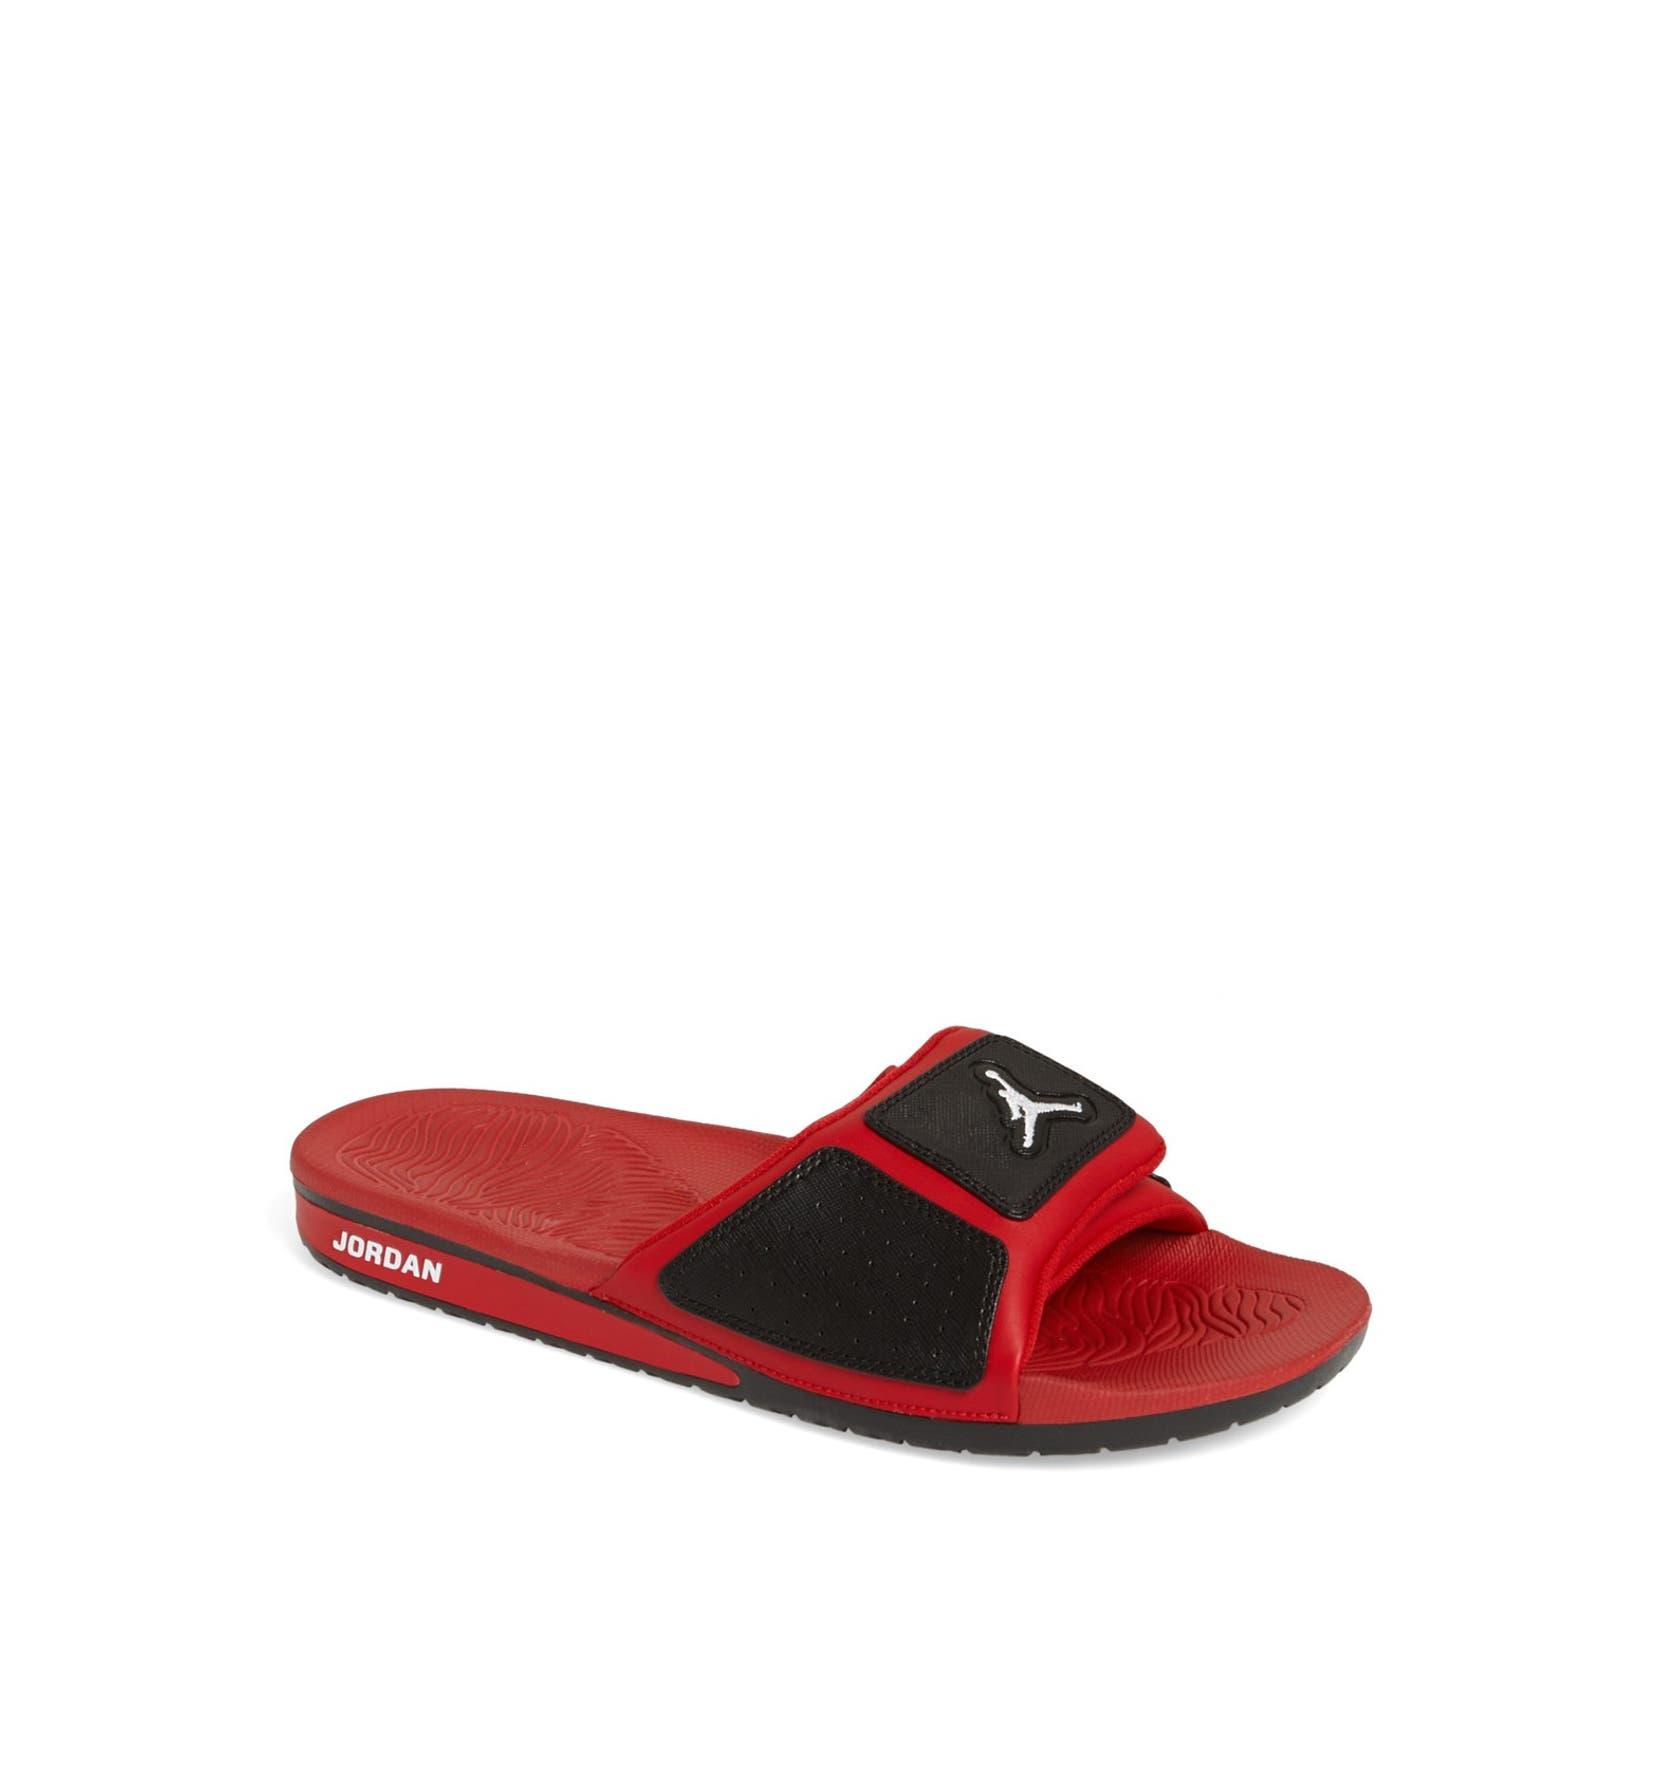 7eb3f4ddd Nike  Jordan Hydro 3  Sandal